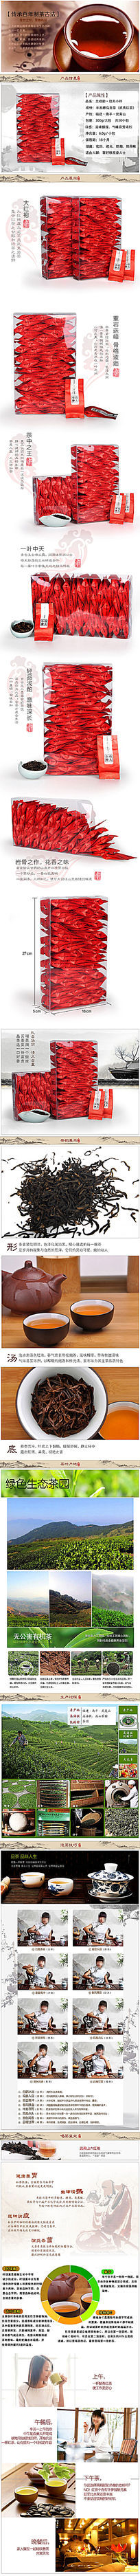 淘宝茶叶详情页细节描述设计模板